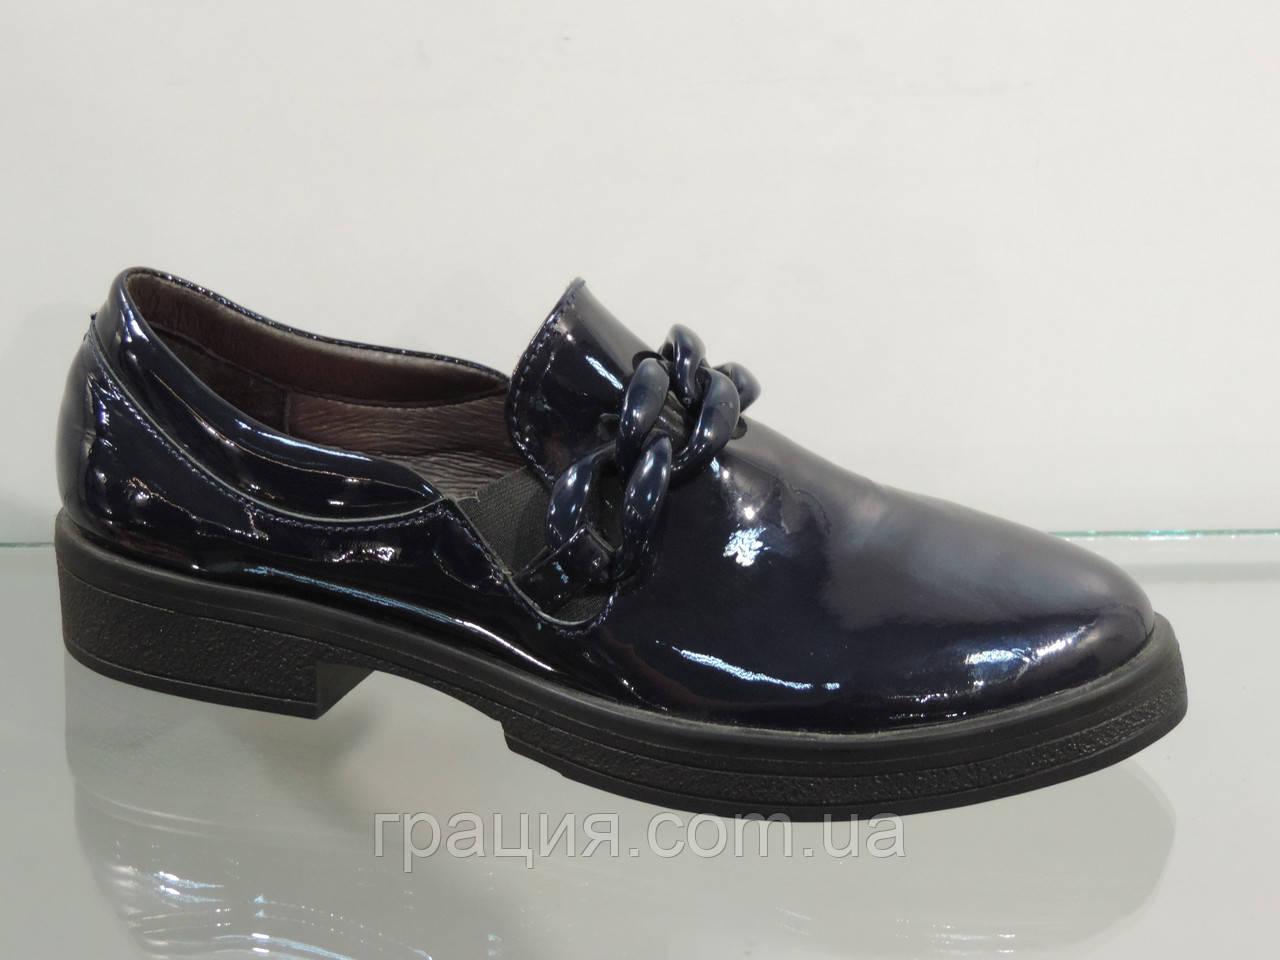 Стильні сині лакові туфлі